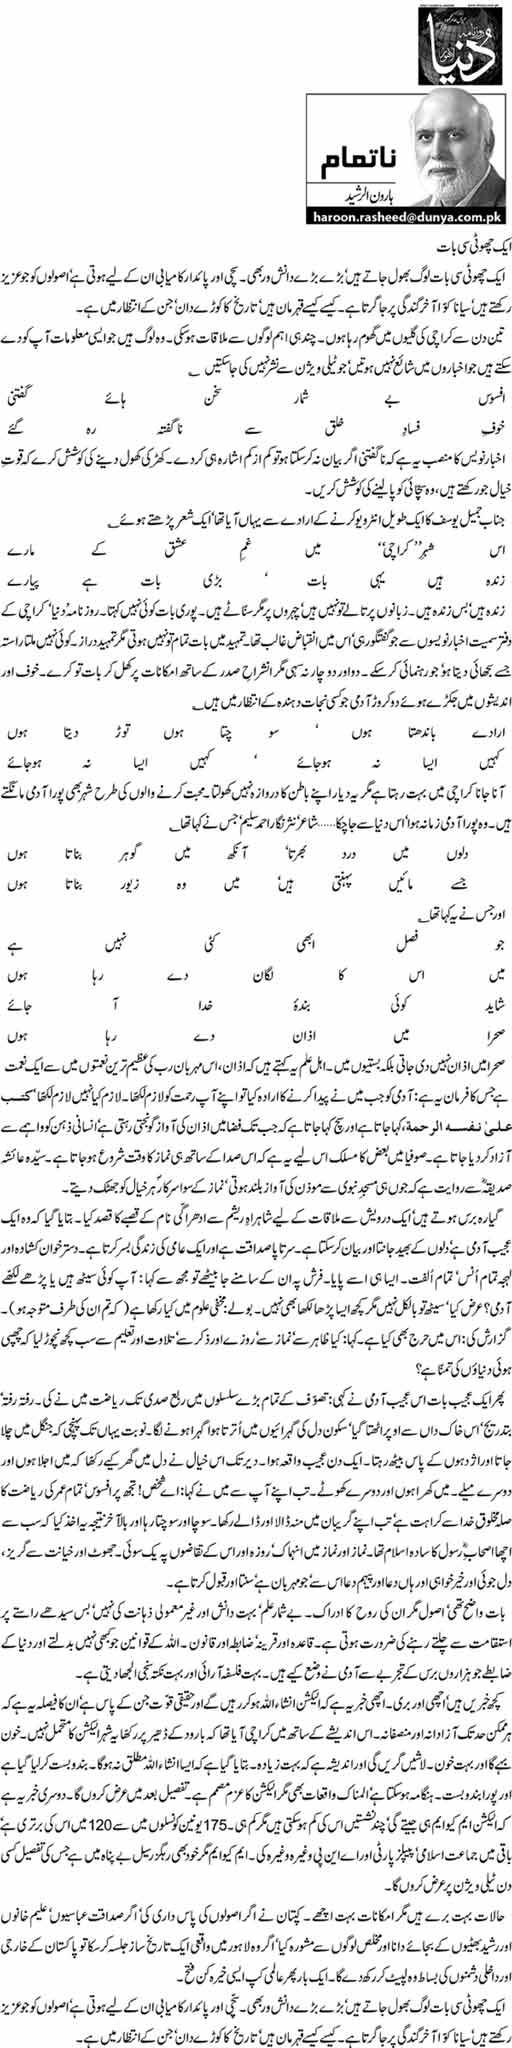 Aik choti si baat - Haroon-ur-Rasheed